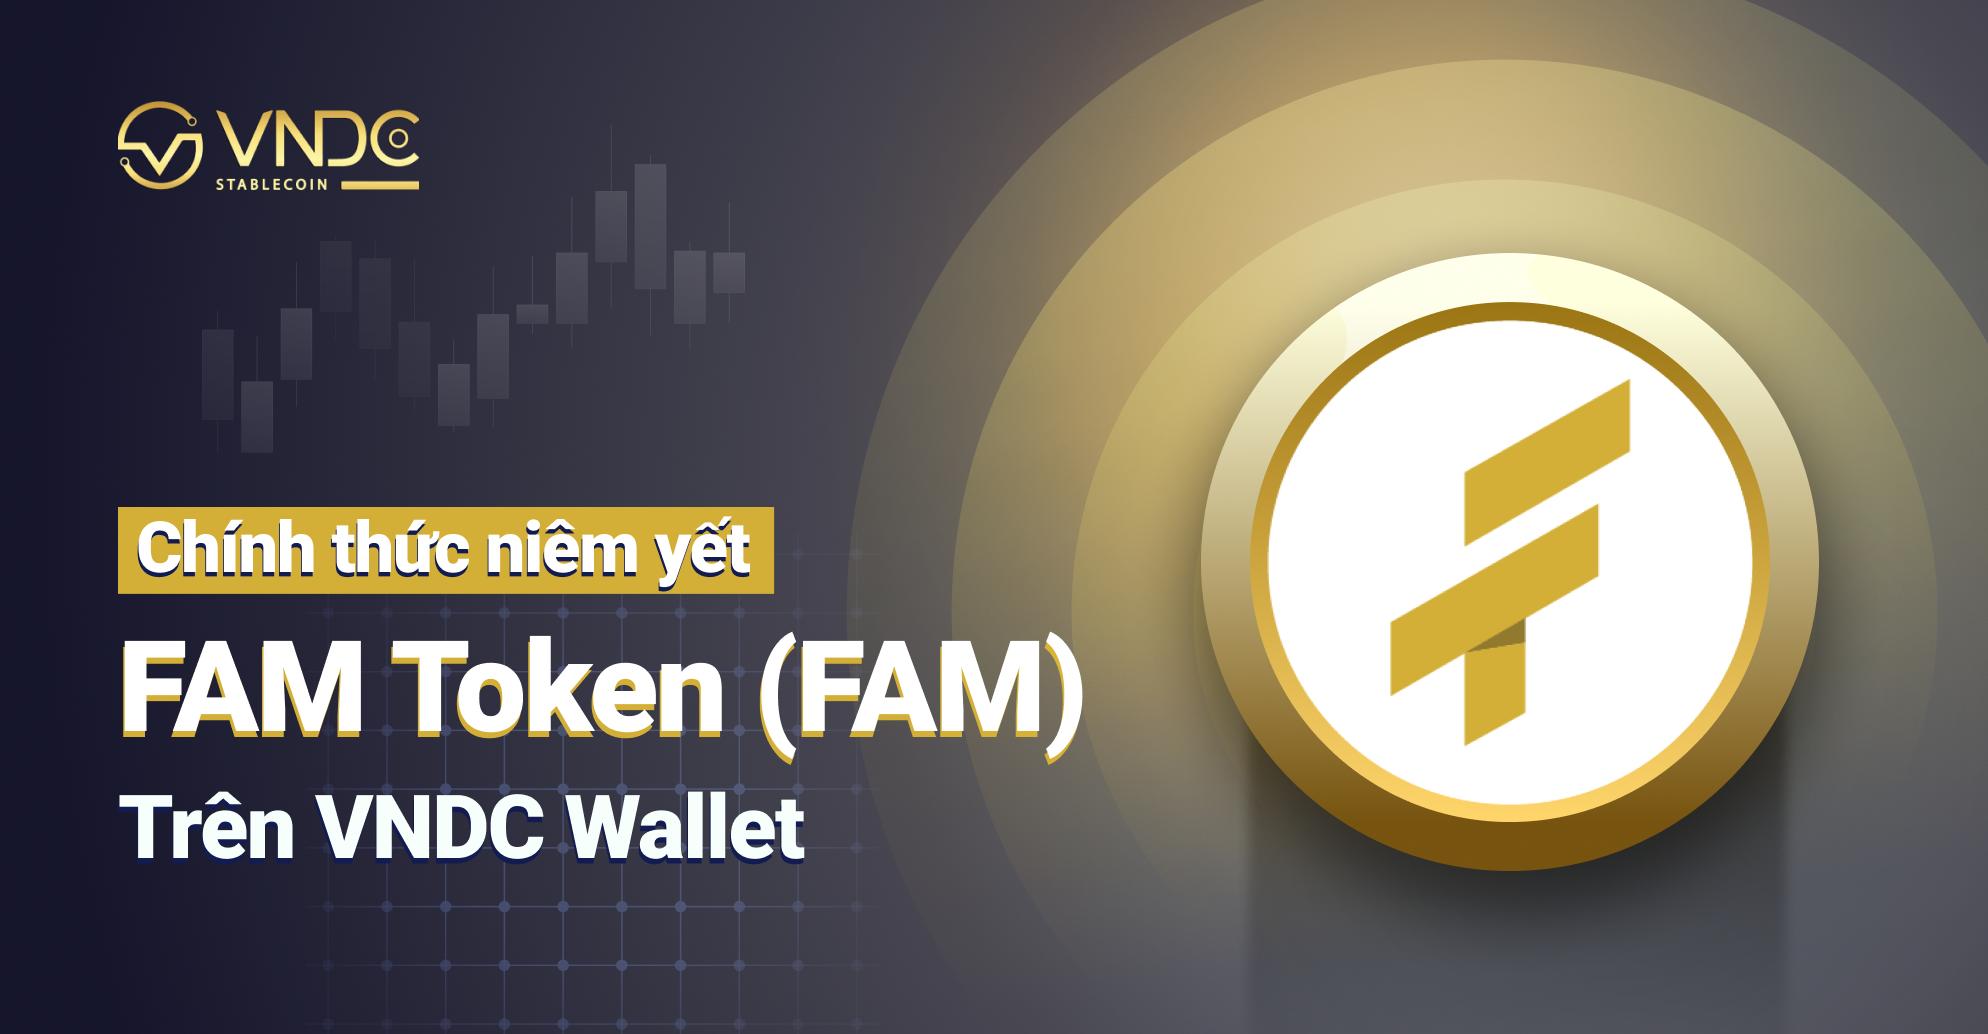 Kế hoạch niêm yết và mở bán Launchpad FAM Token (FAM)